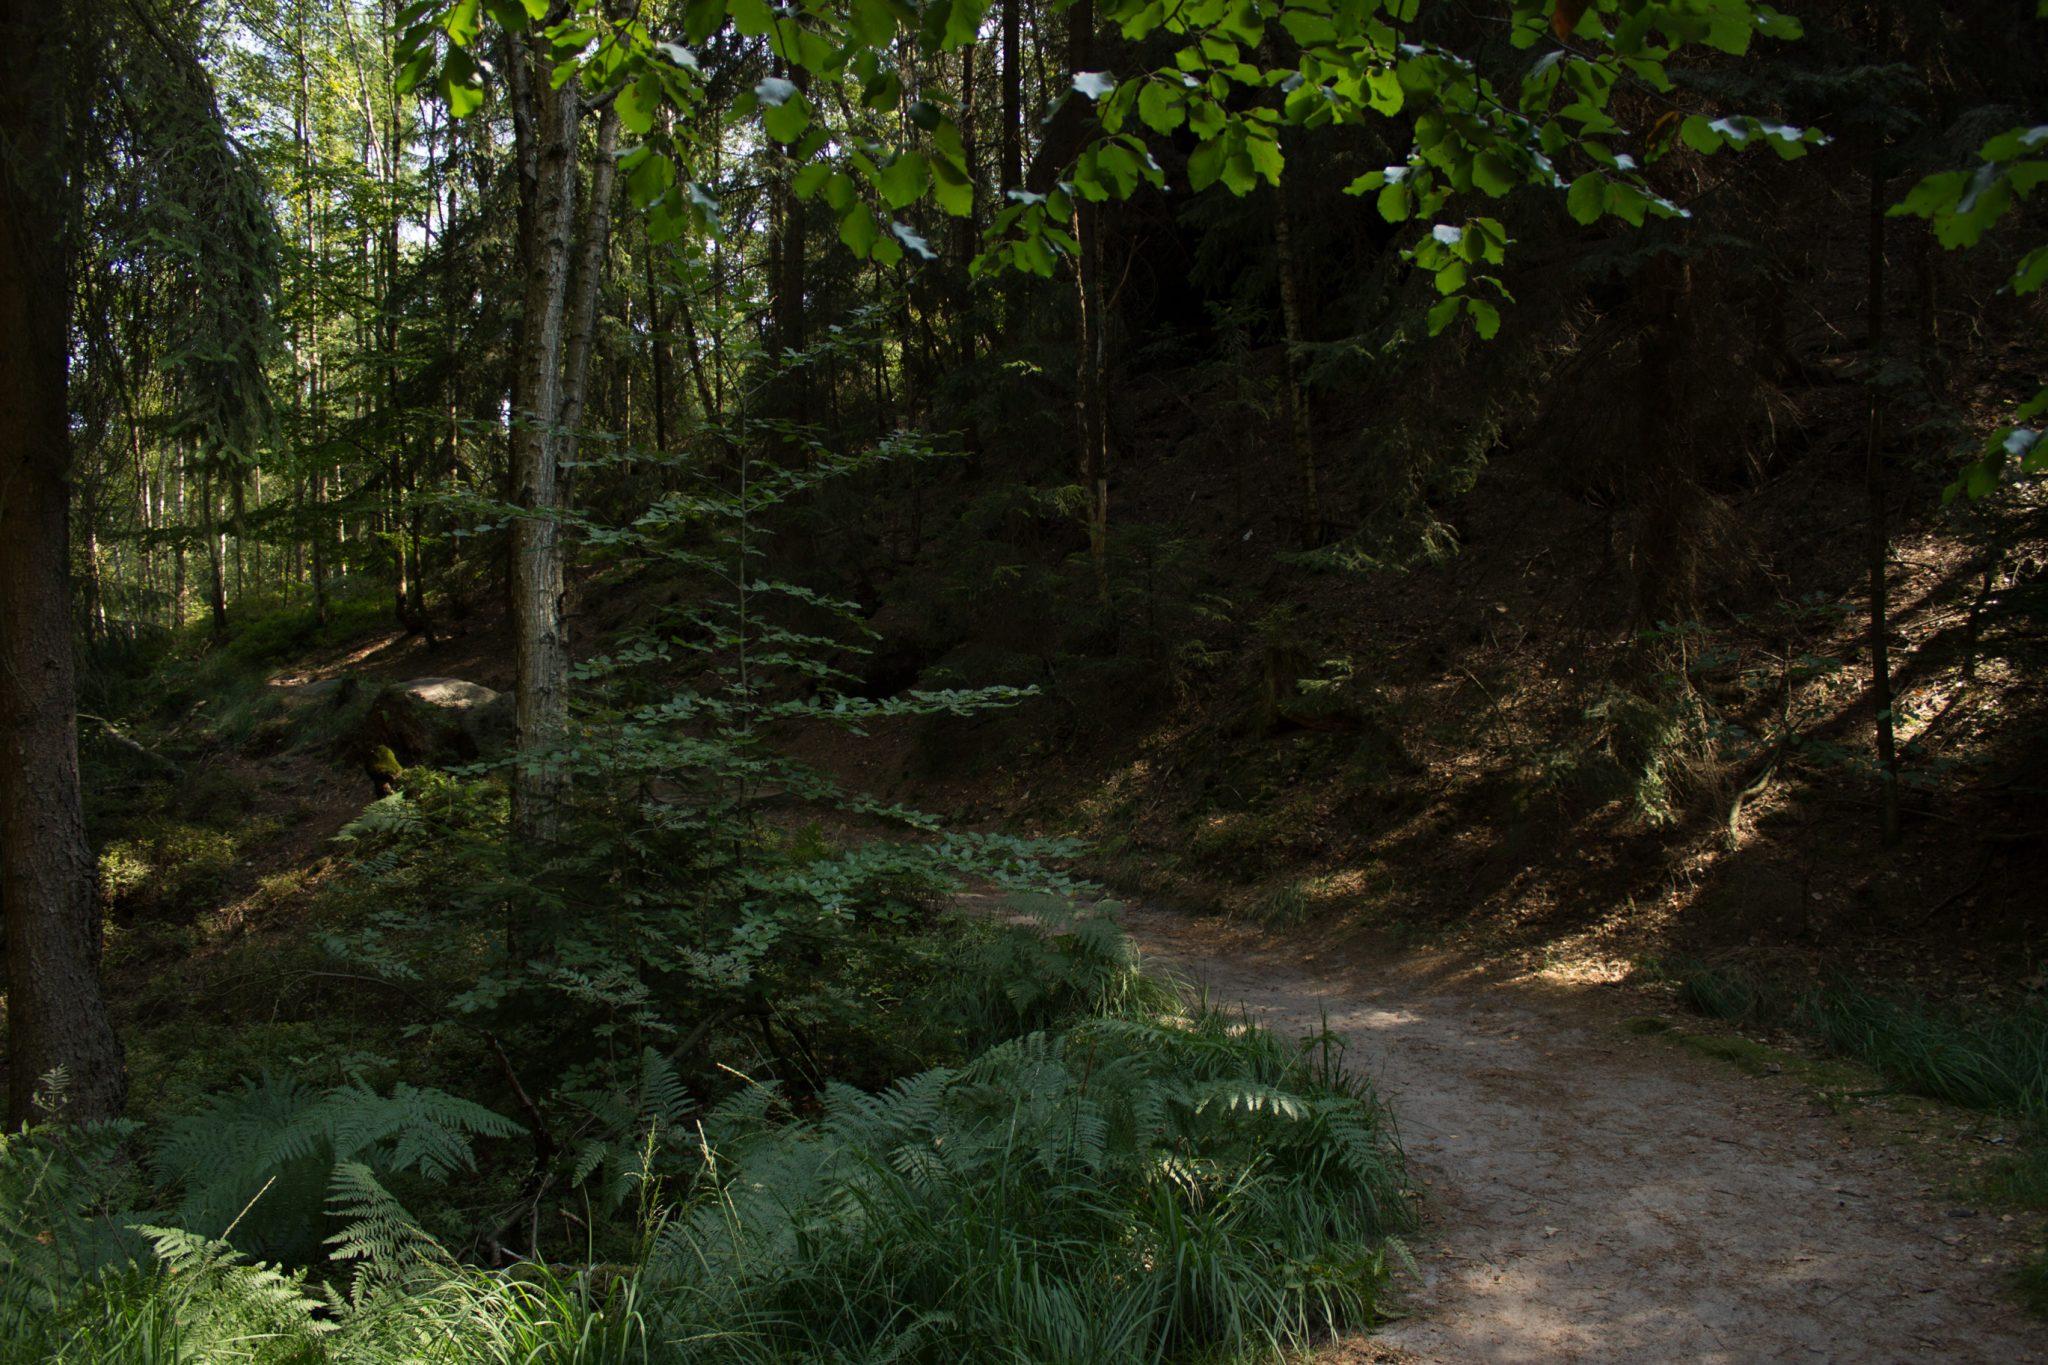 Hohe Liebe Schrammsteine Carolafelsen, Wanderweg im Wanderparadies Sächsische Schweiz mit vielen tollen Aussichten, riesiger Felsennationalpark, schöner Weg